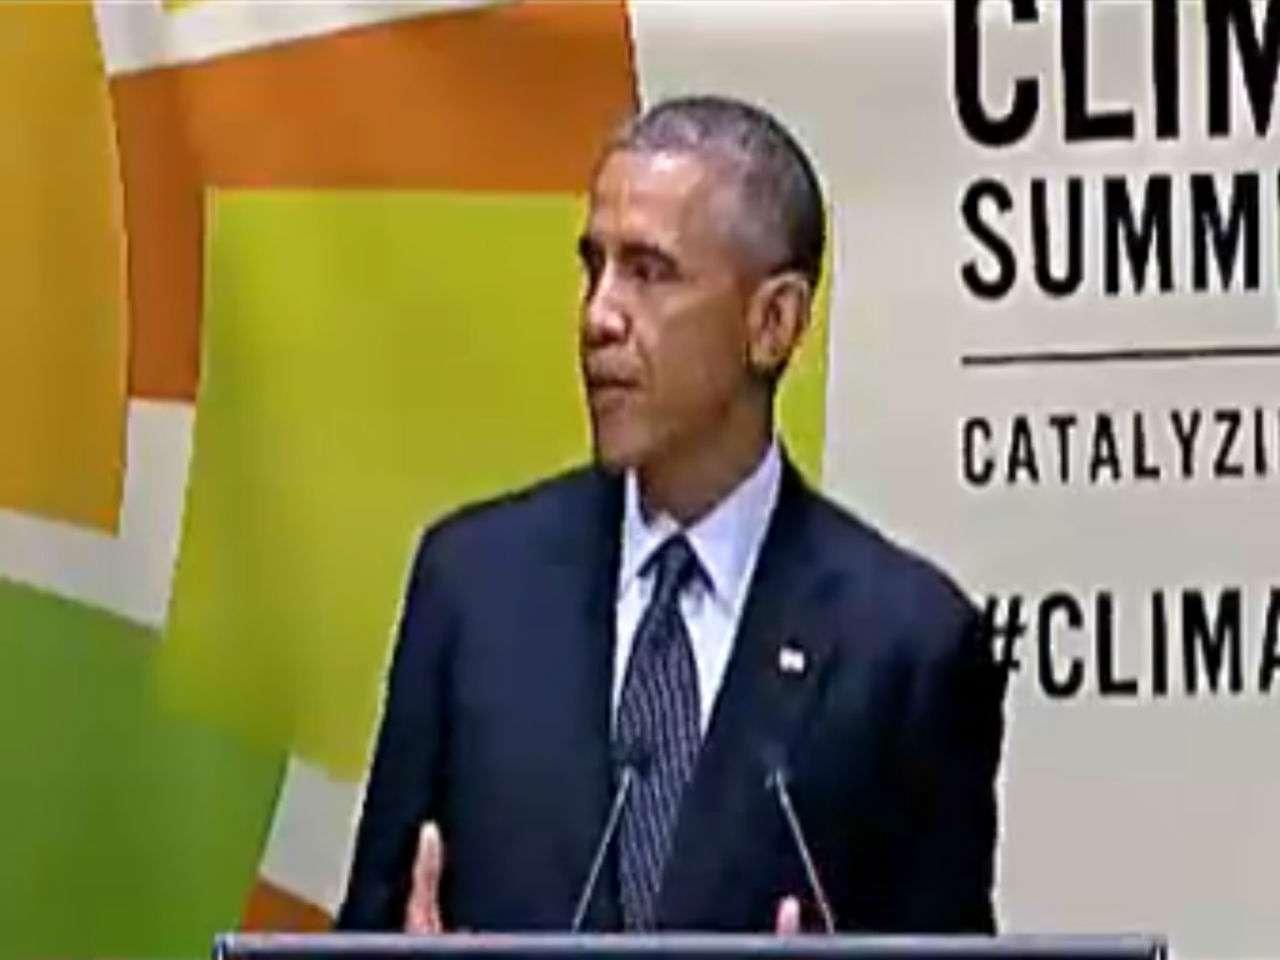 """""""Tenemos que trabajar juntos como una comunidad global"""", dijo Obama en su discurso en la sede de la ONU en Nueva York. Foto: Tomada del video original"""